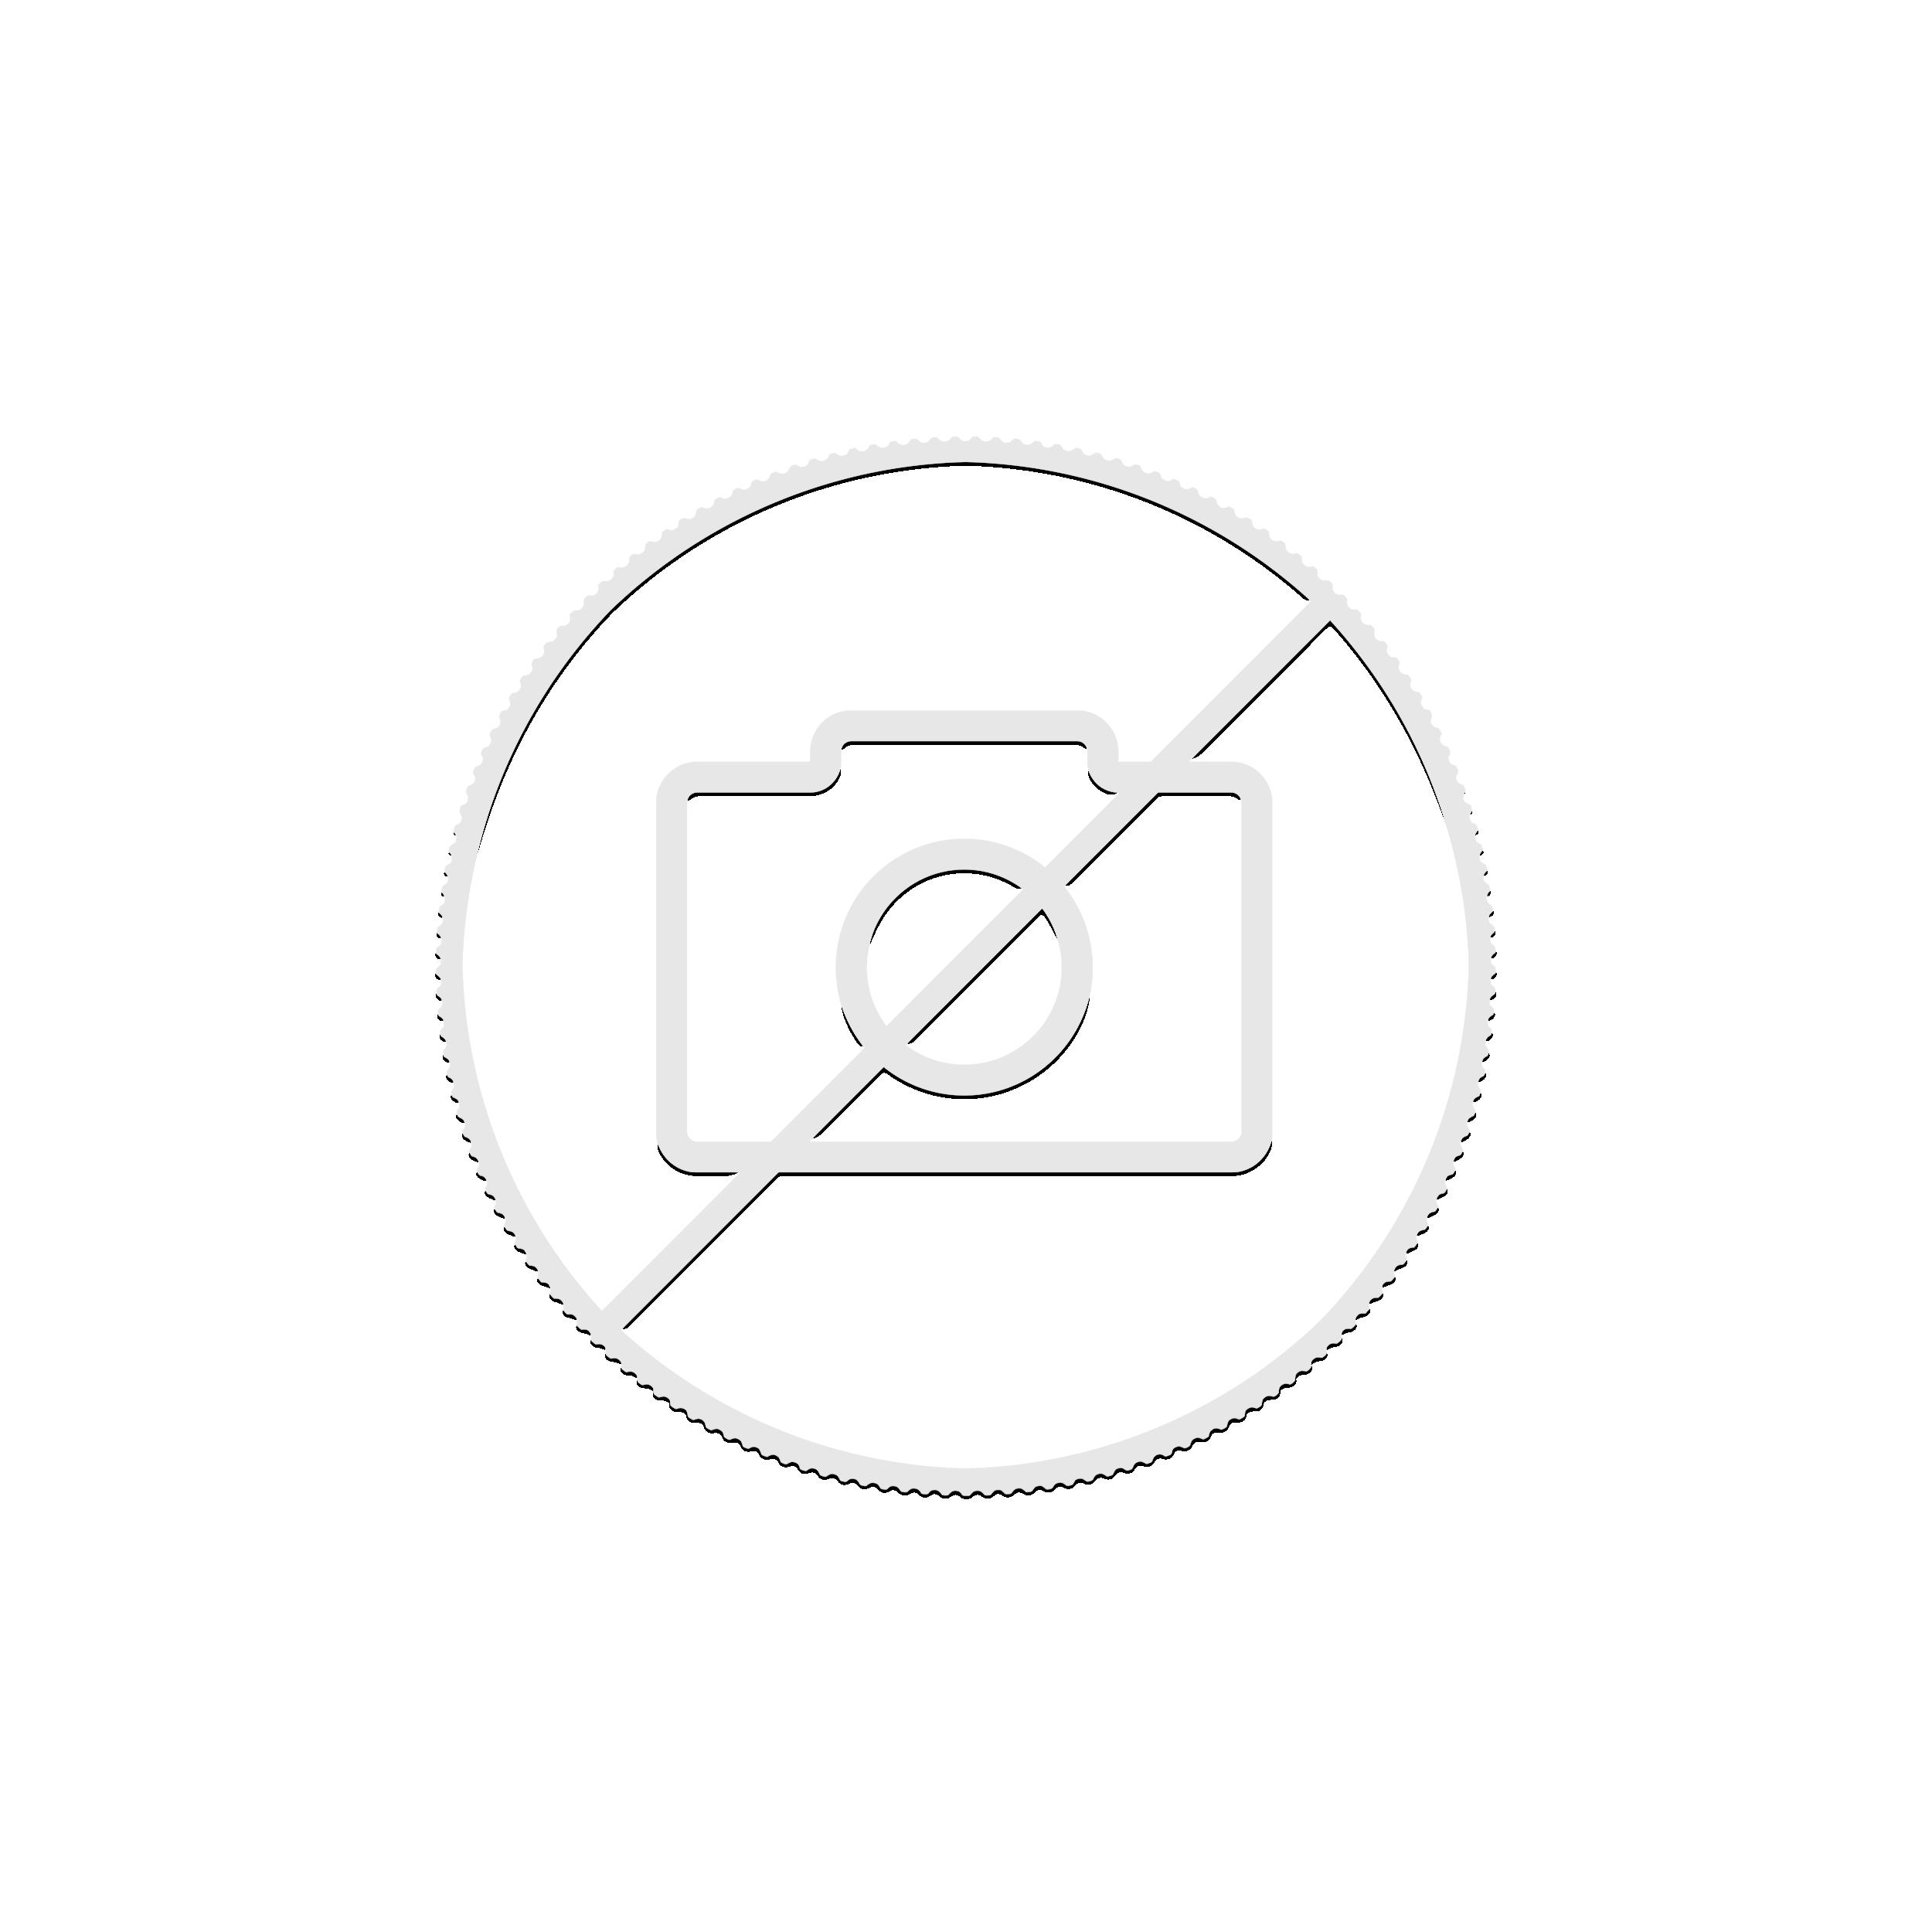 100 Troy ounce silver bar Engelhard